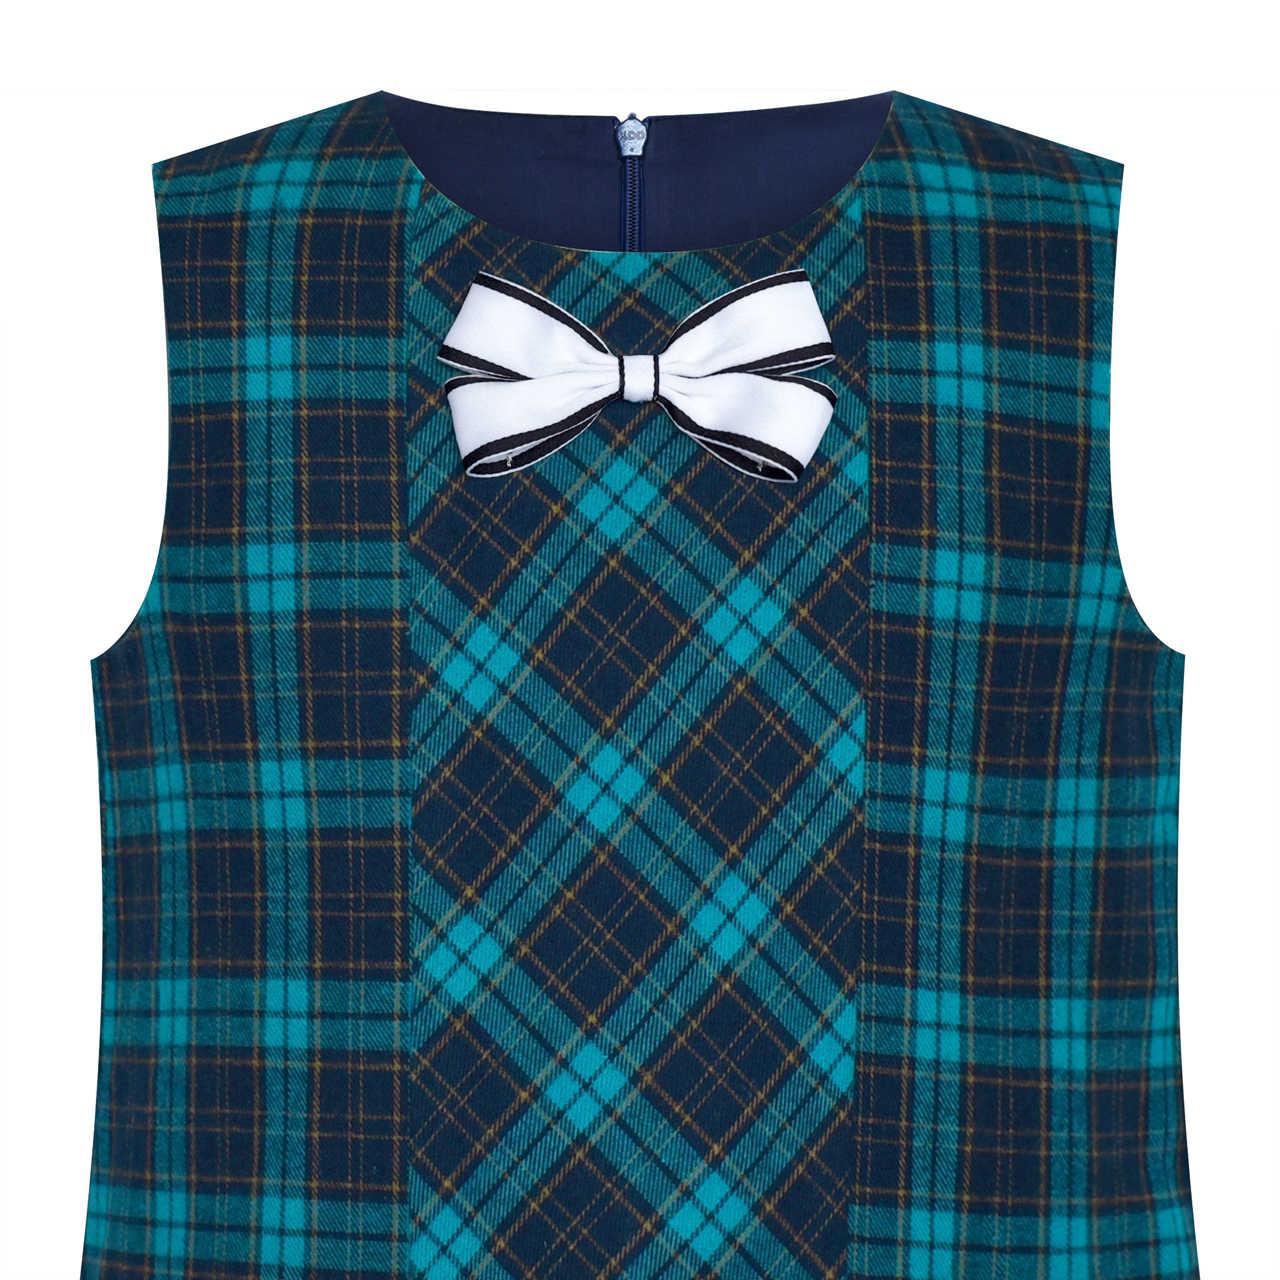 Платье для девочек клетчатое платье трапециевидной формы с галстуком-бабочкой; школьная форма из хлопка; коллекция 2019 года; летние платья принцессы для свадебной вечеринки; детская одежда; пышный Сарафан